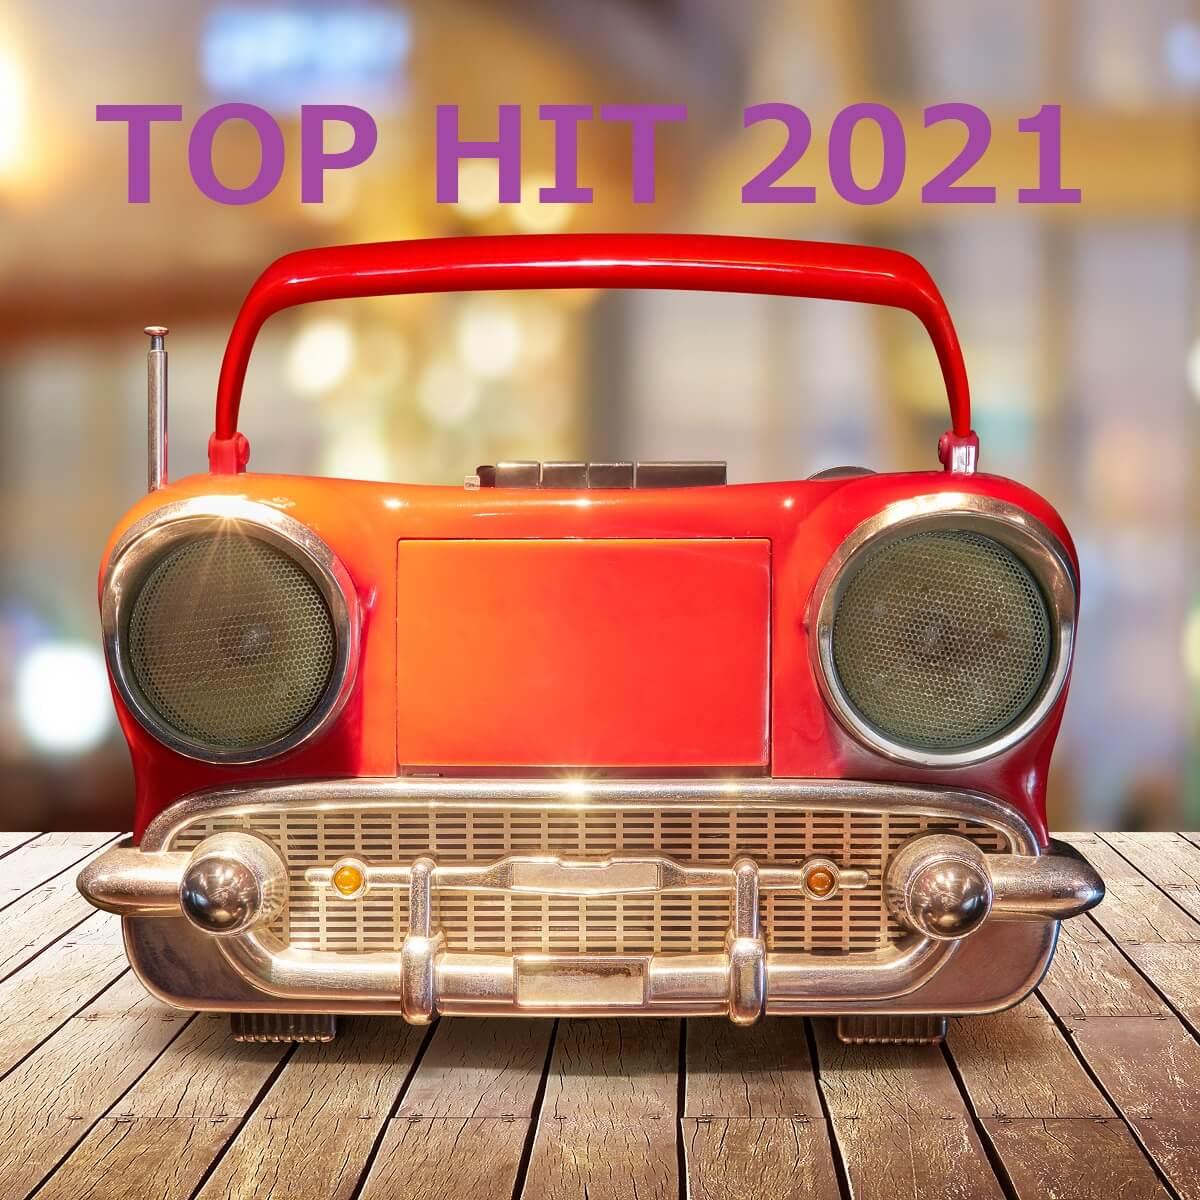 2021年の音楽のランキングを表したラジカセの写真。